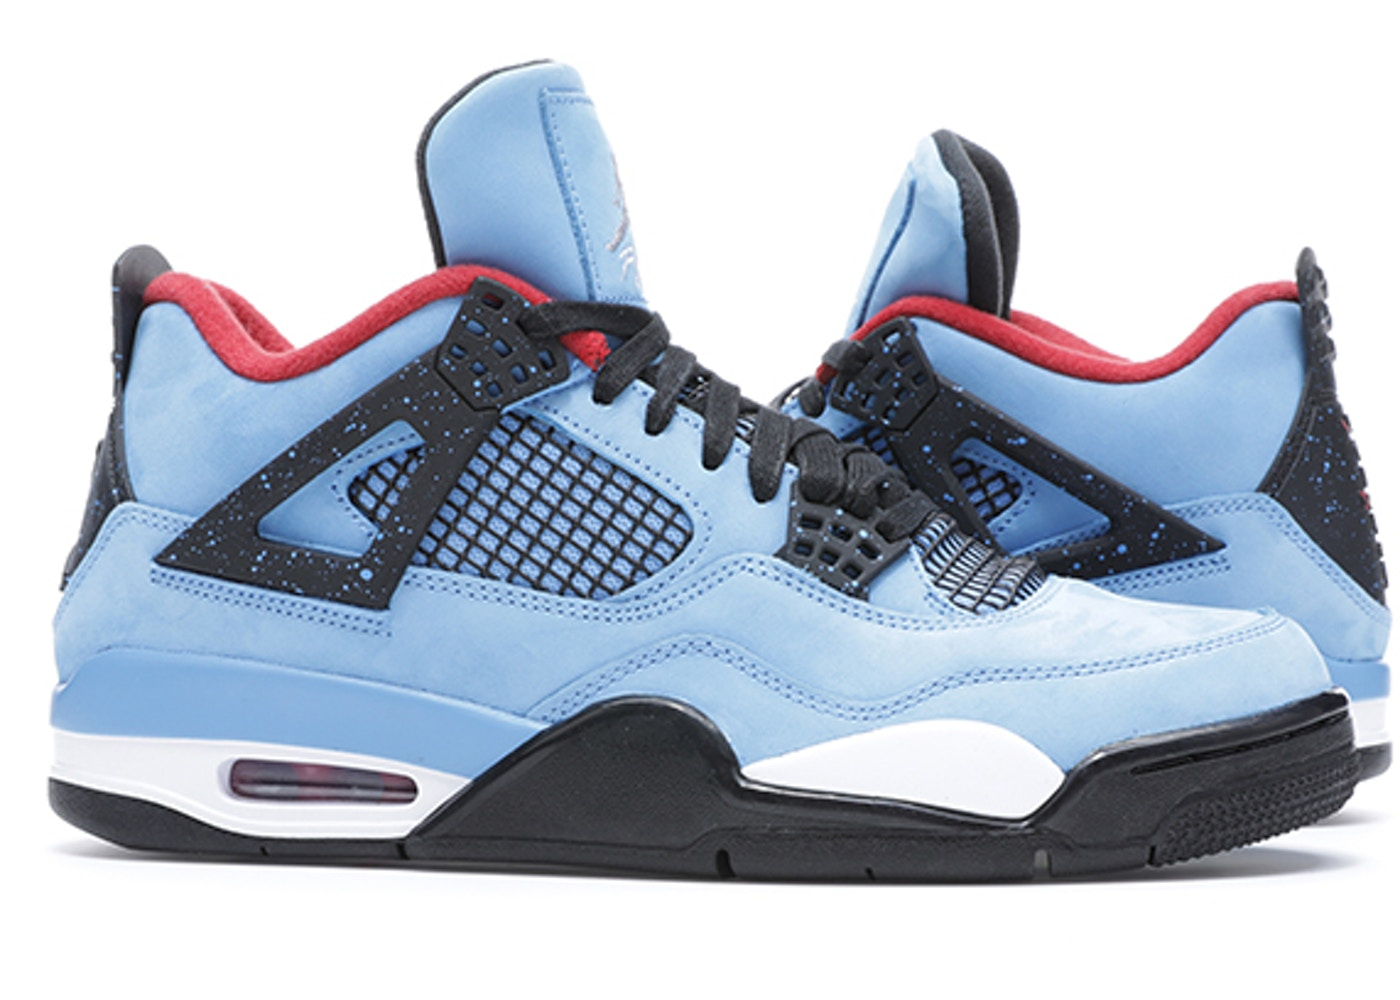 343522cbfe25 Buy Air Jordan Shoes   Deadstock Sneakers